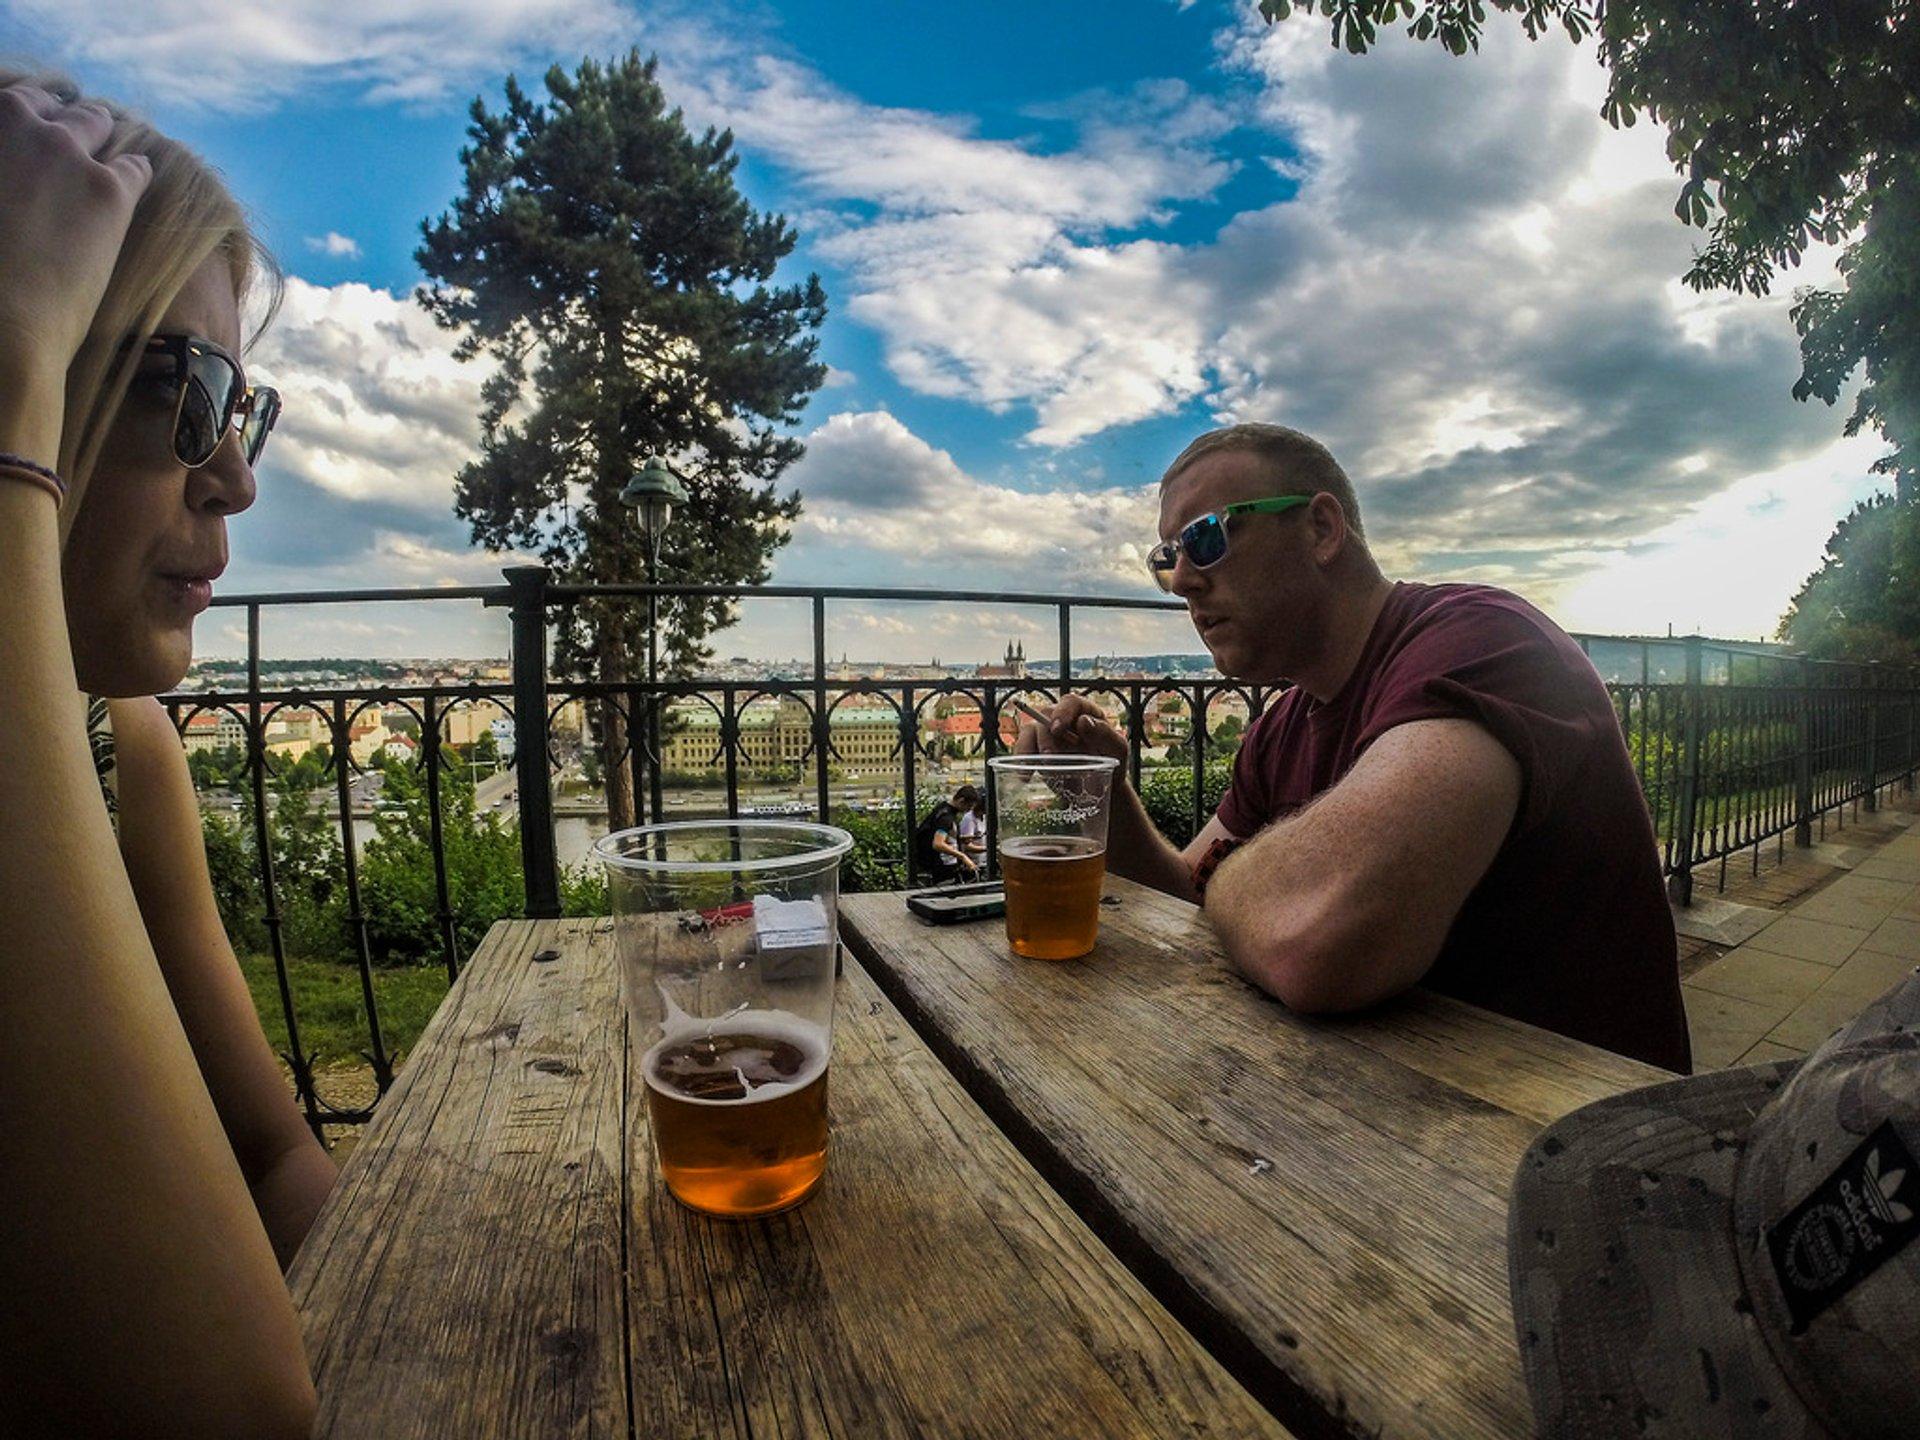 Hilltop beer garden 2020